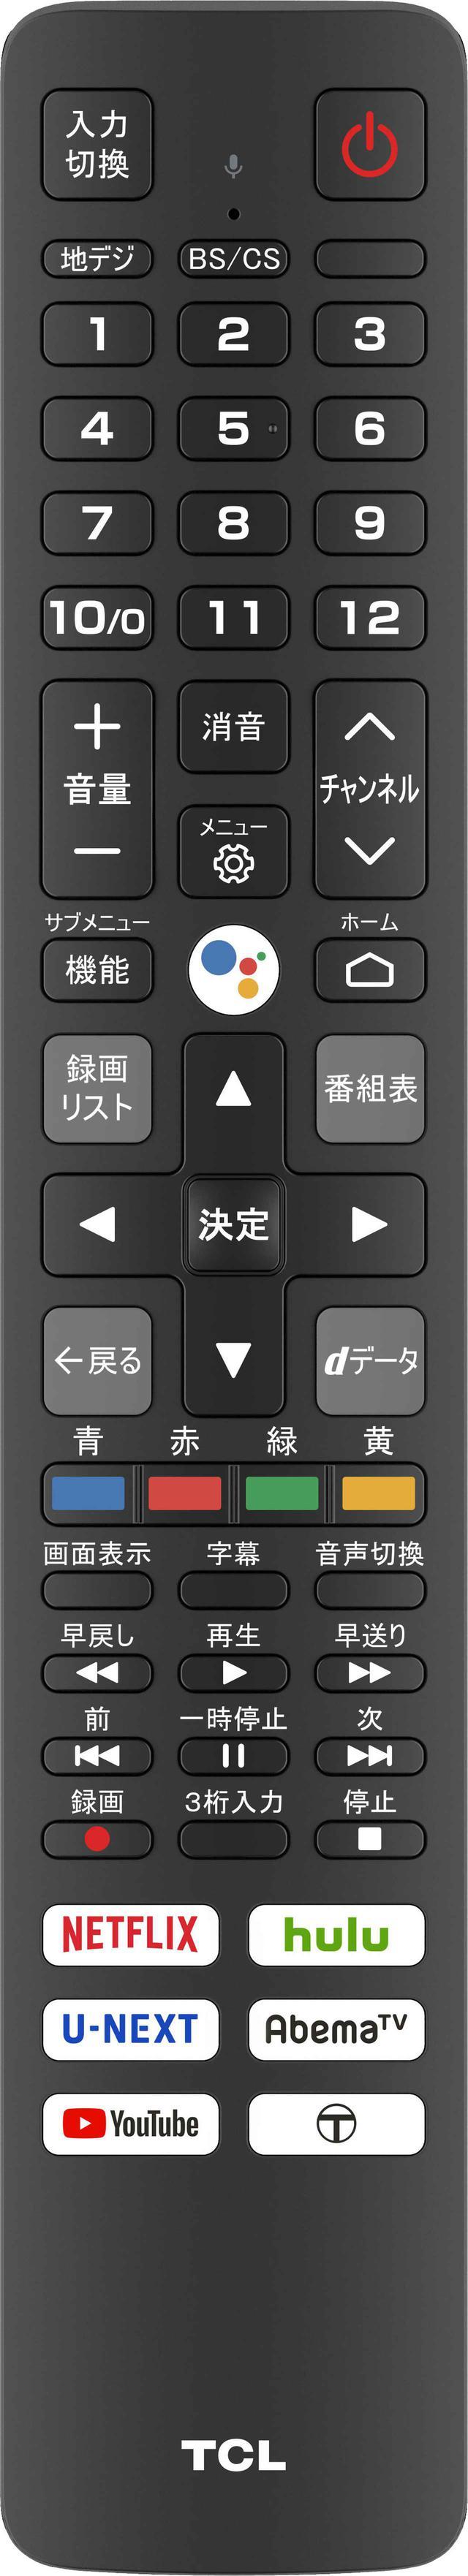 画像6: QLED液晶搭載TCL「65C815」さくさく動作と高音質サウンドでネット動画を楽しもう!<最新テレビで観る。聴く。ネット動画配信>